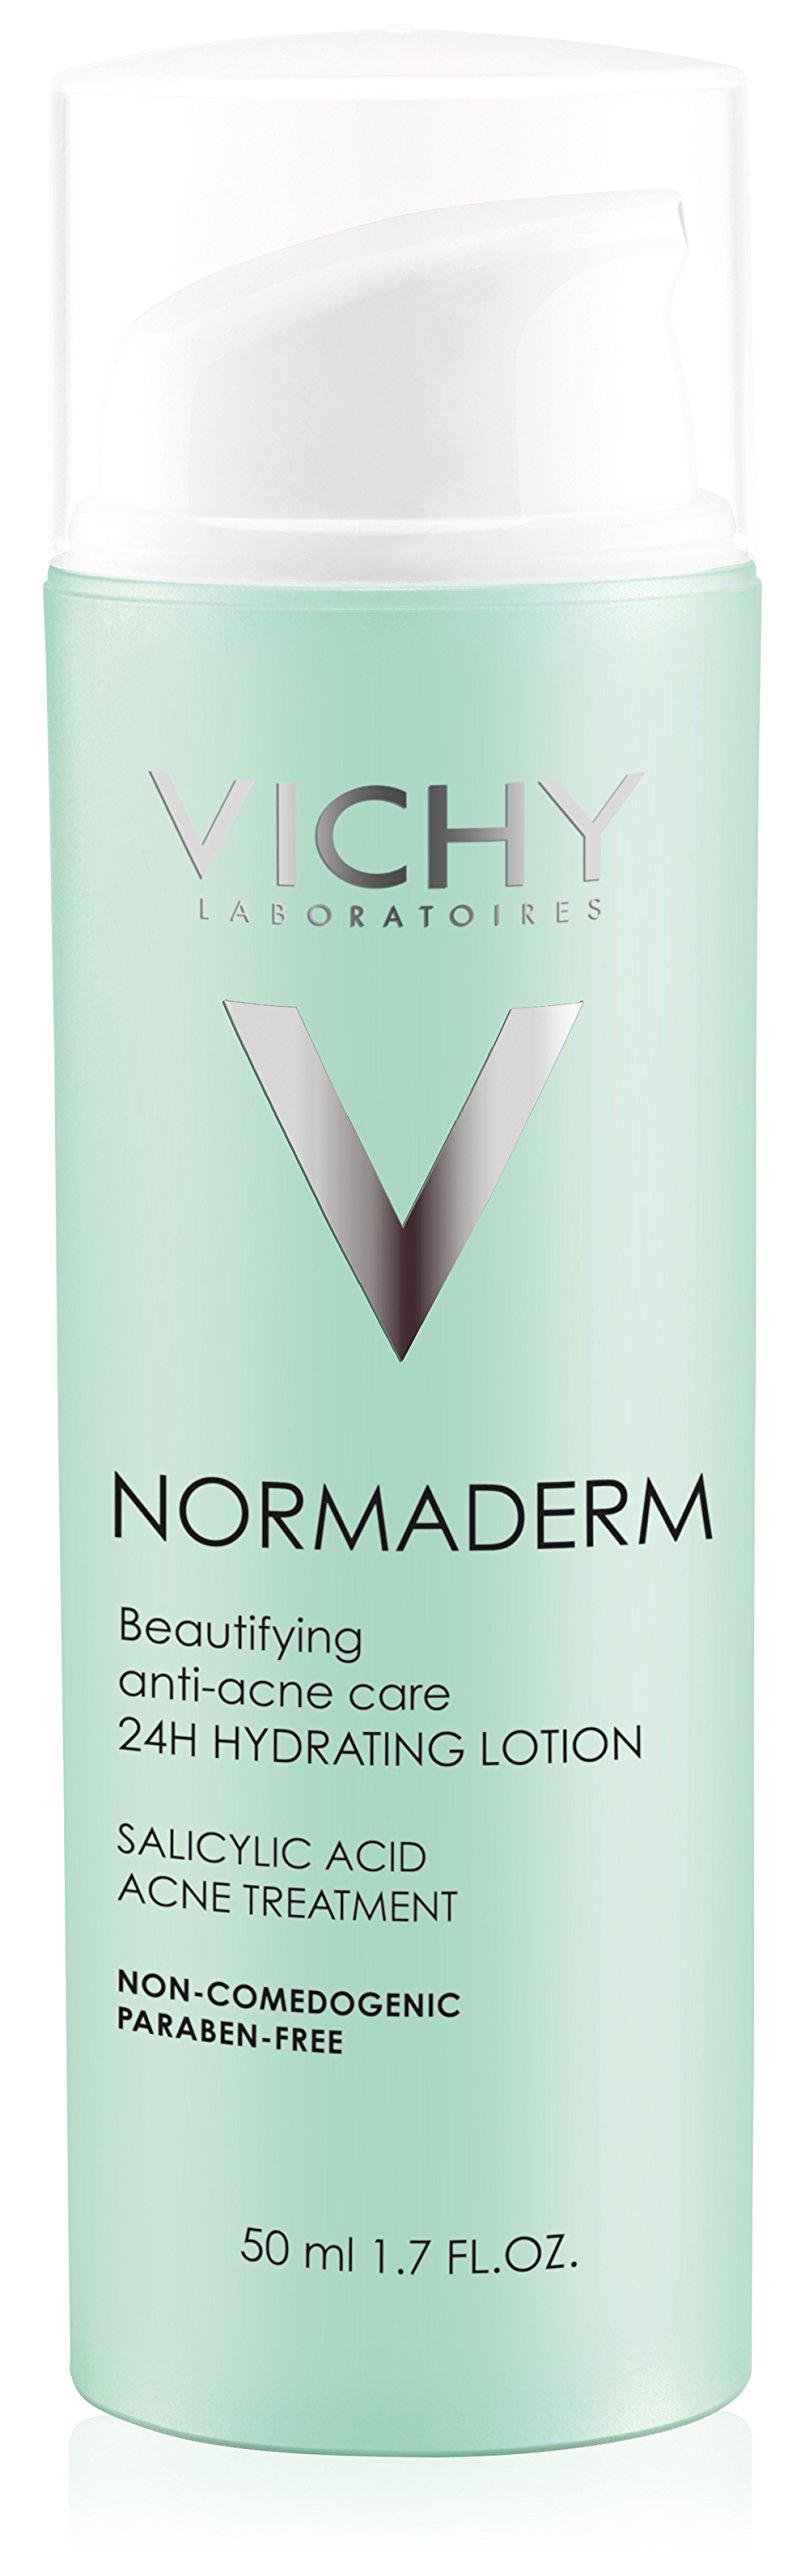 Vichy Normaderm Beautifying Salicylic Acid Acne Treatment, 1.7 Fl Oz